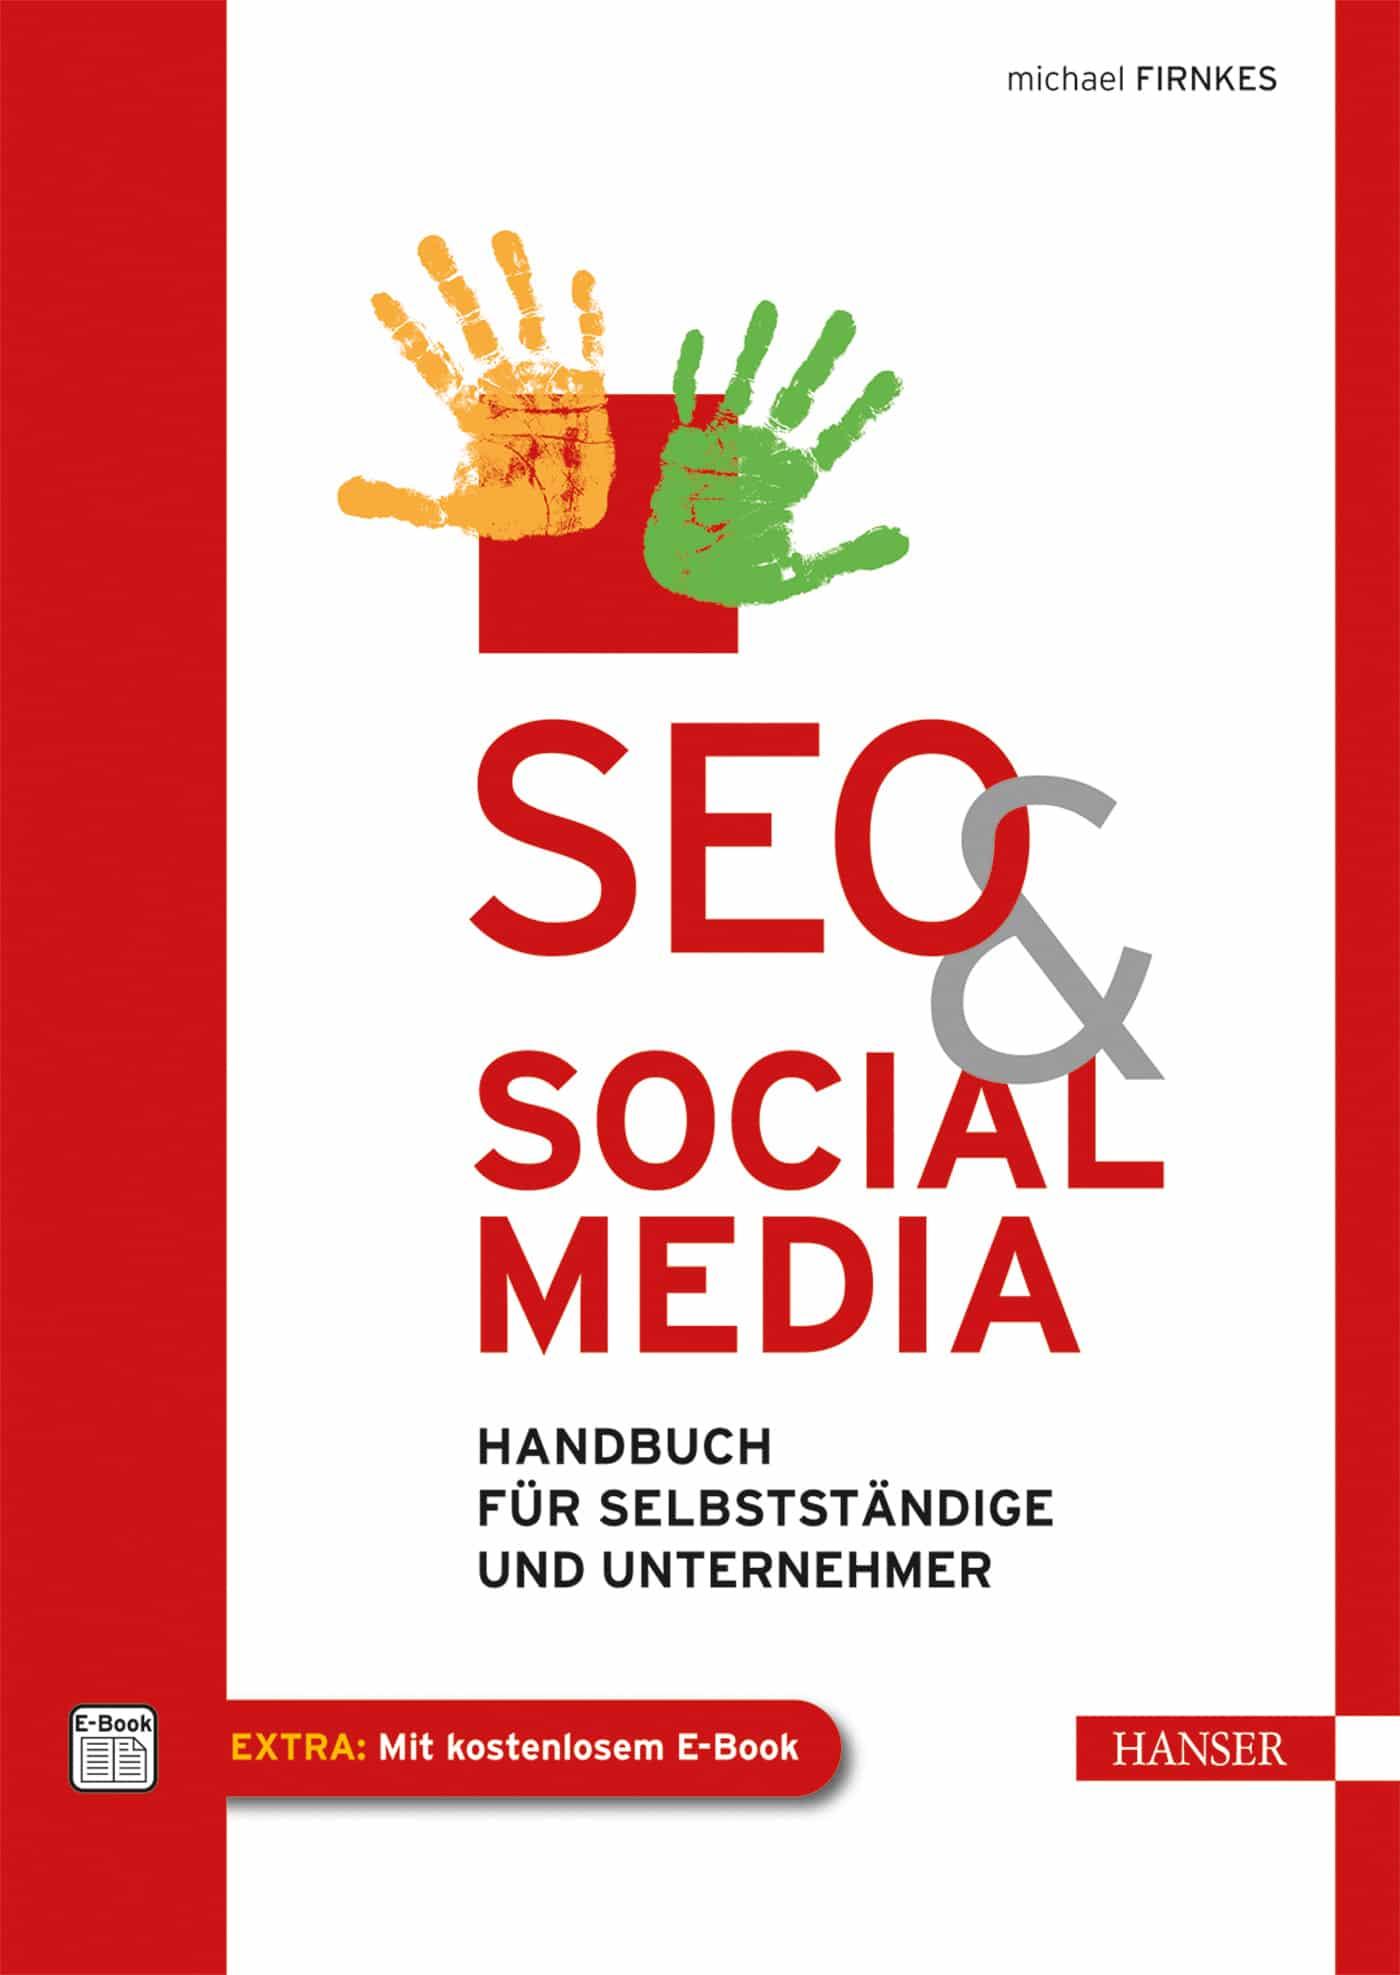 """Ein informativer Ratgeber über die """"Geheimdisziplin SEO"""" und die """"Marketingmacht"""" von Social Media – zugeschnitten auf Selbständige, Freiberufler und Unternehmer aller Branchen. (Bildquelle: Hanser Verlag)"""